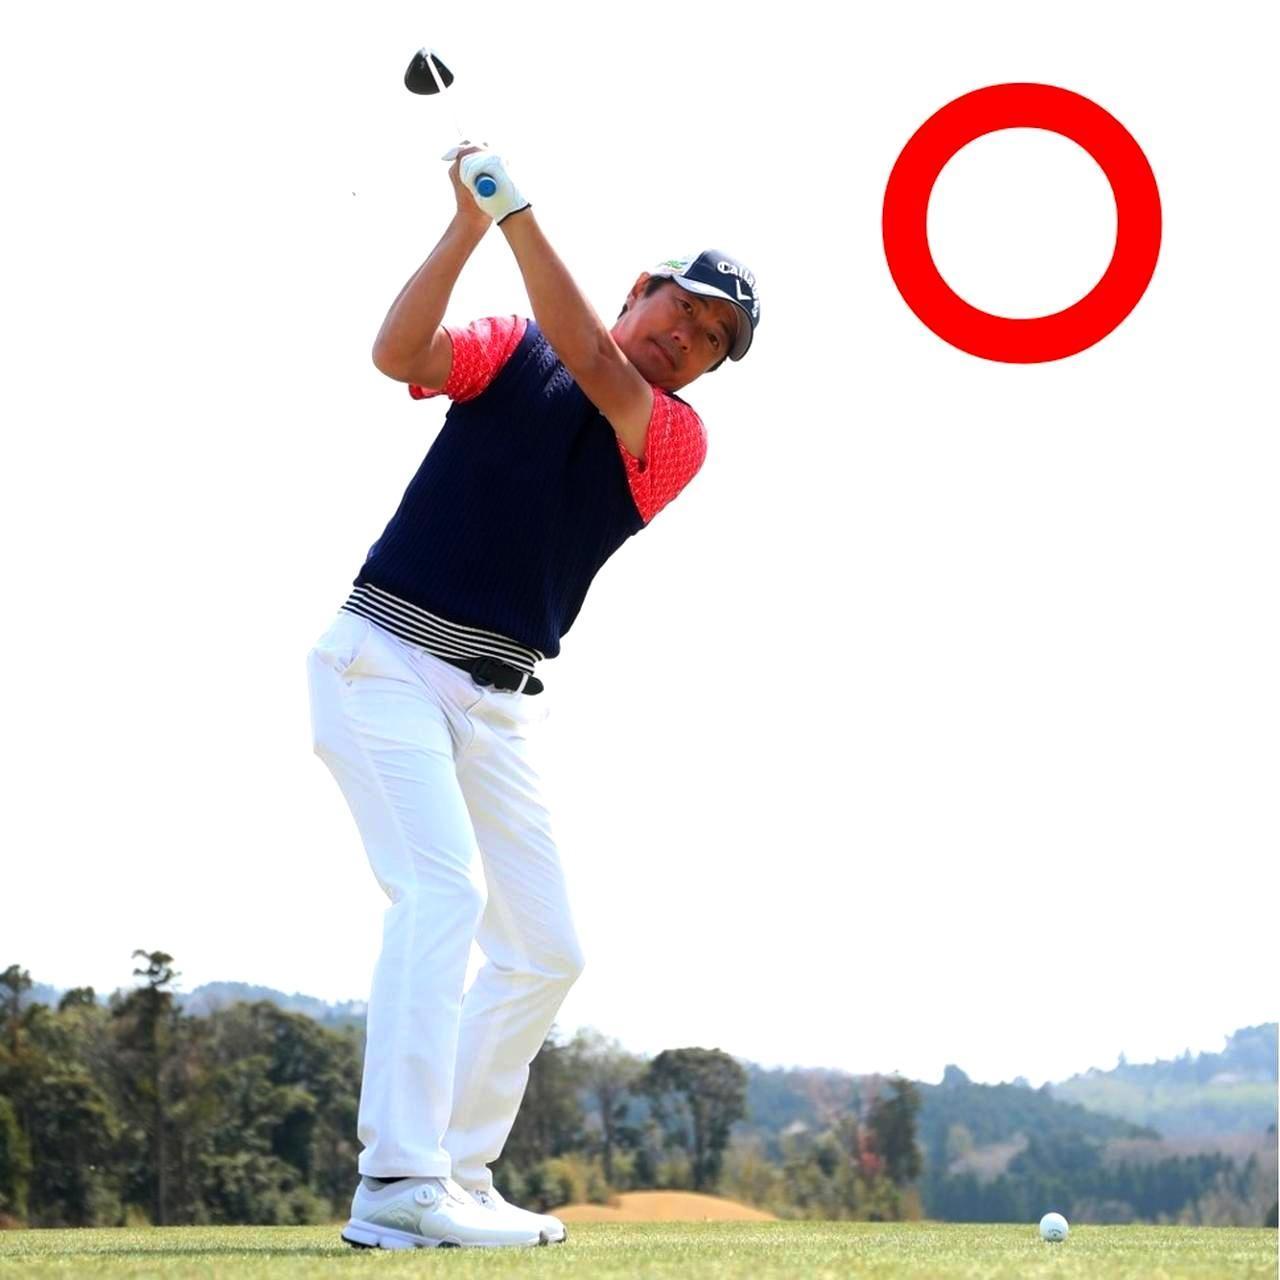 画像: 短く持つとトップはコンパクトに。ボールの近くに立つのでアップライトになる。このトップから振り下ろすだけ